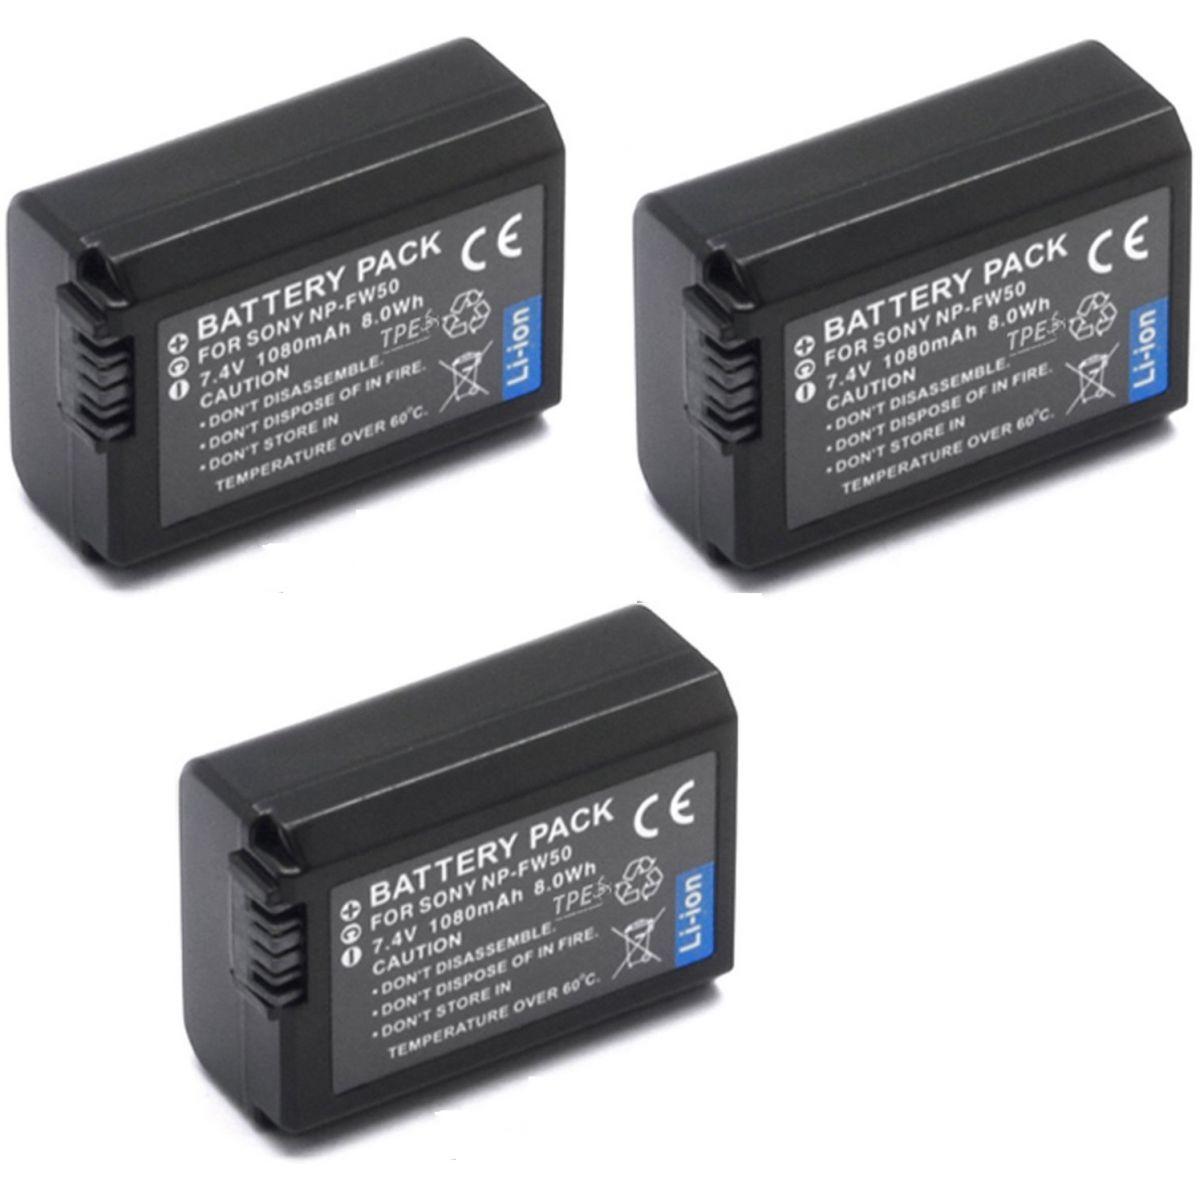 Kit 3 Baterias + 1 Carregadores NP-FW50 para câmera digital e filmadora Sony NEX-3, NEX-3A, NEX-3D, NEX-5, NEX-5K